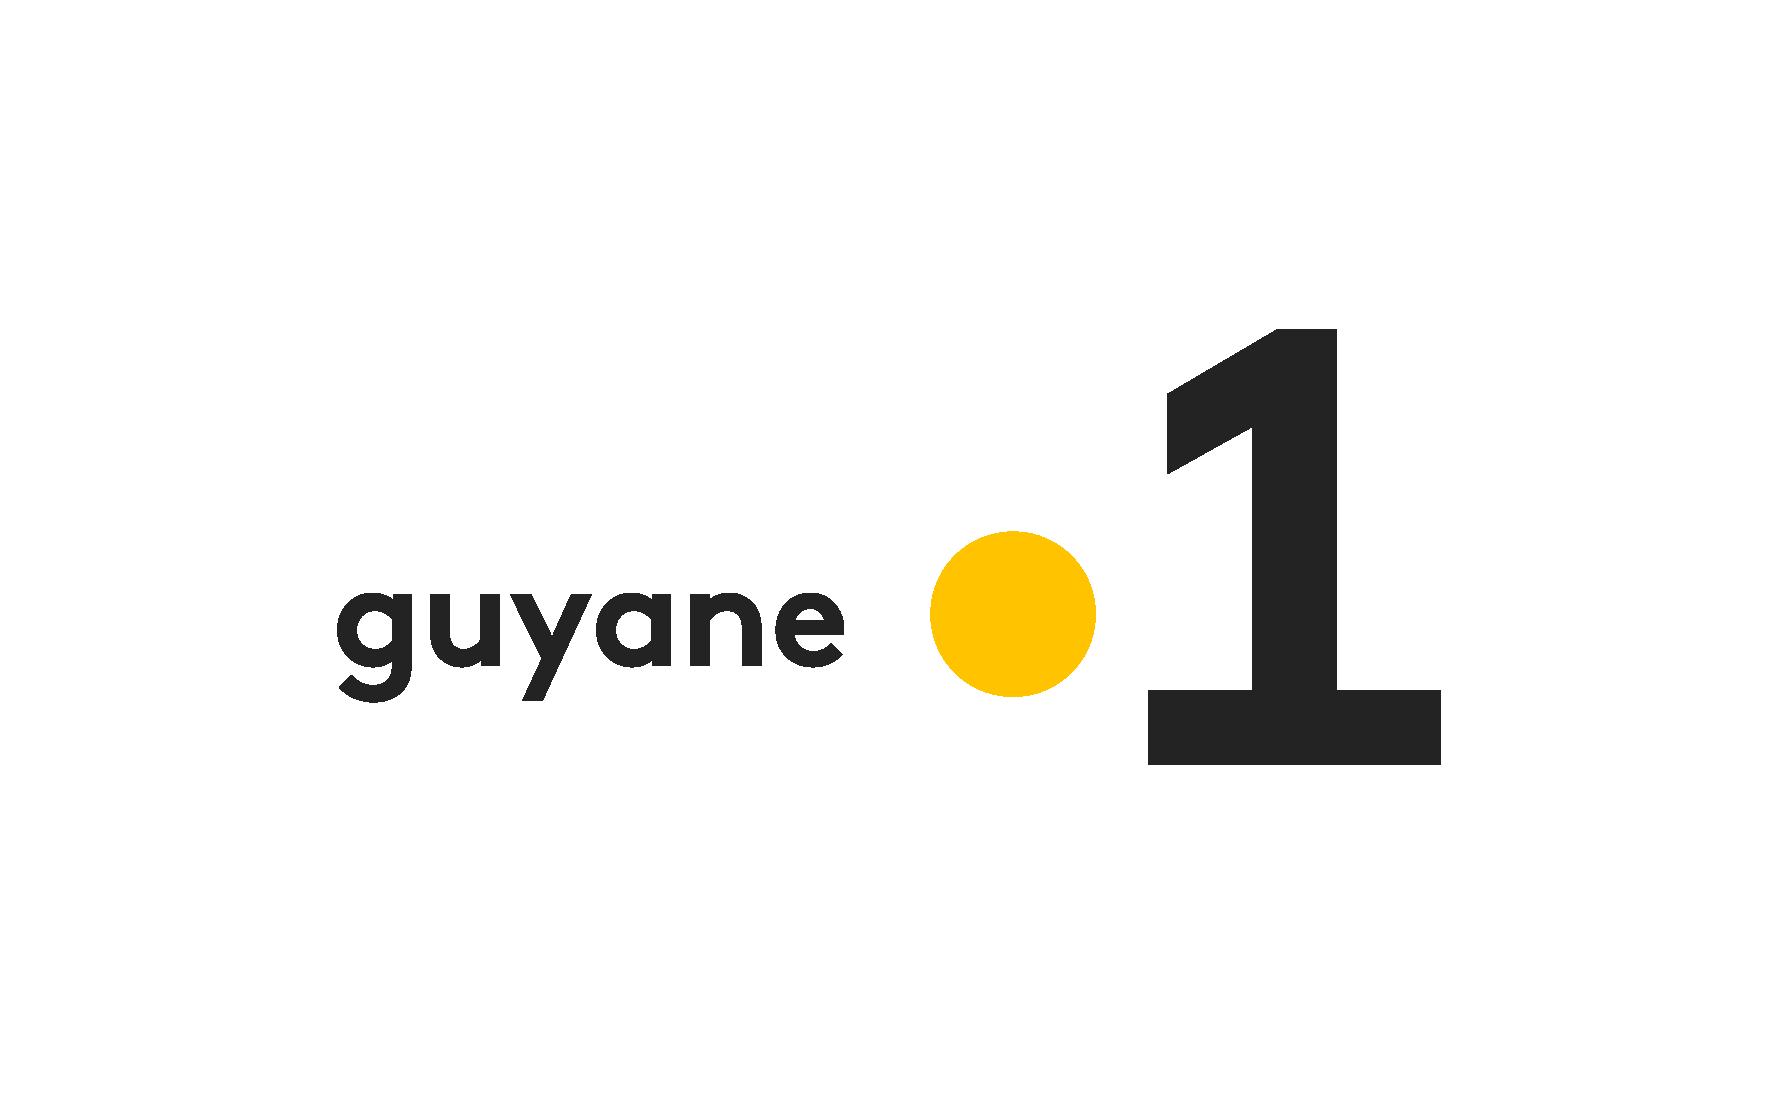 pole_outremer_logo_rvb_guyane_couleur_no